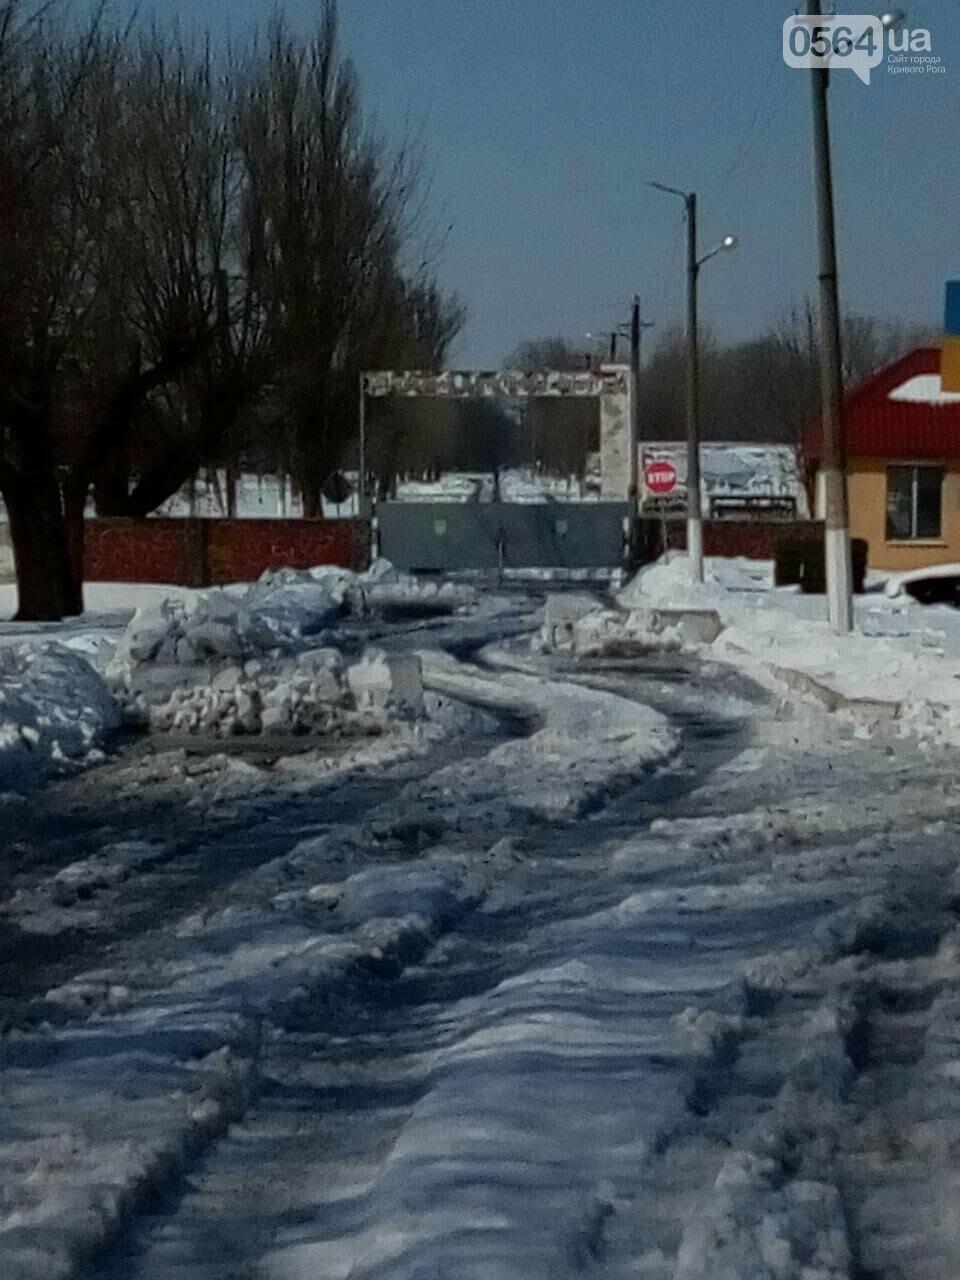 Внимание, гололед: В Кривом Роге проезжая часть для пешеходов безопаснее, чем тротуары (ФОТО), фото-19